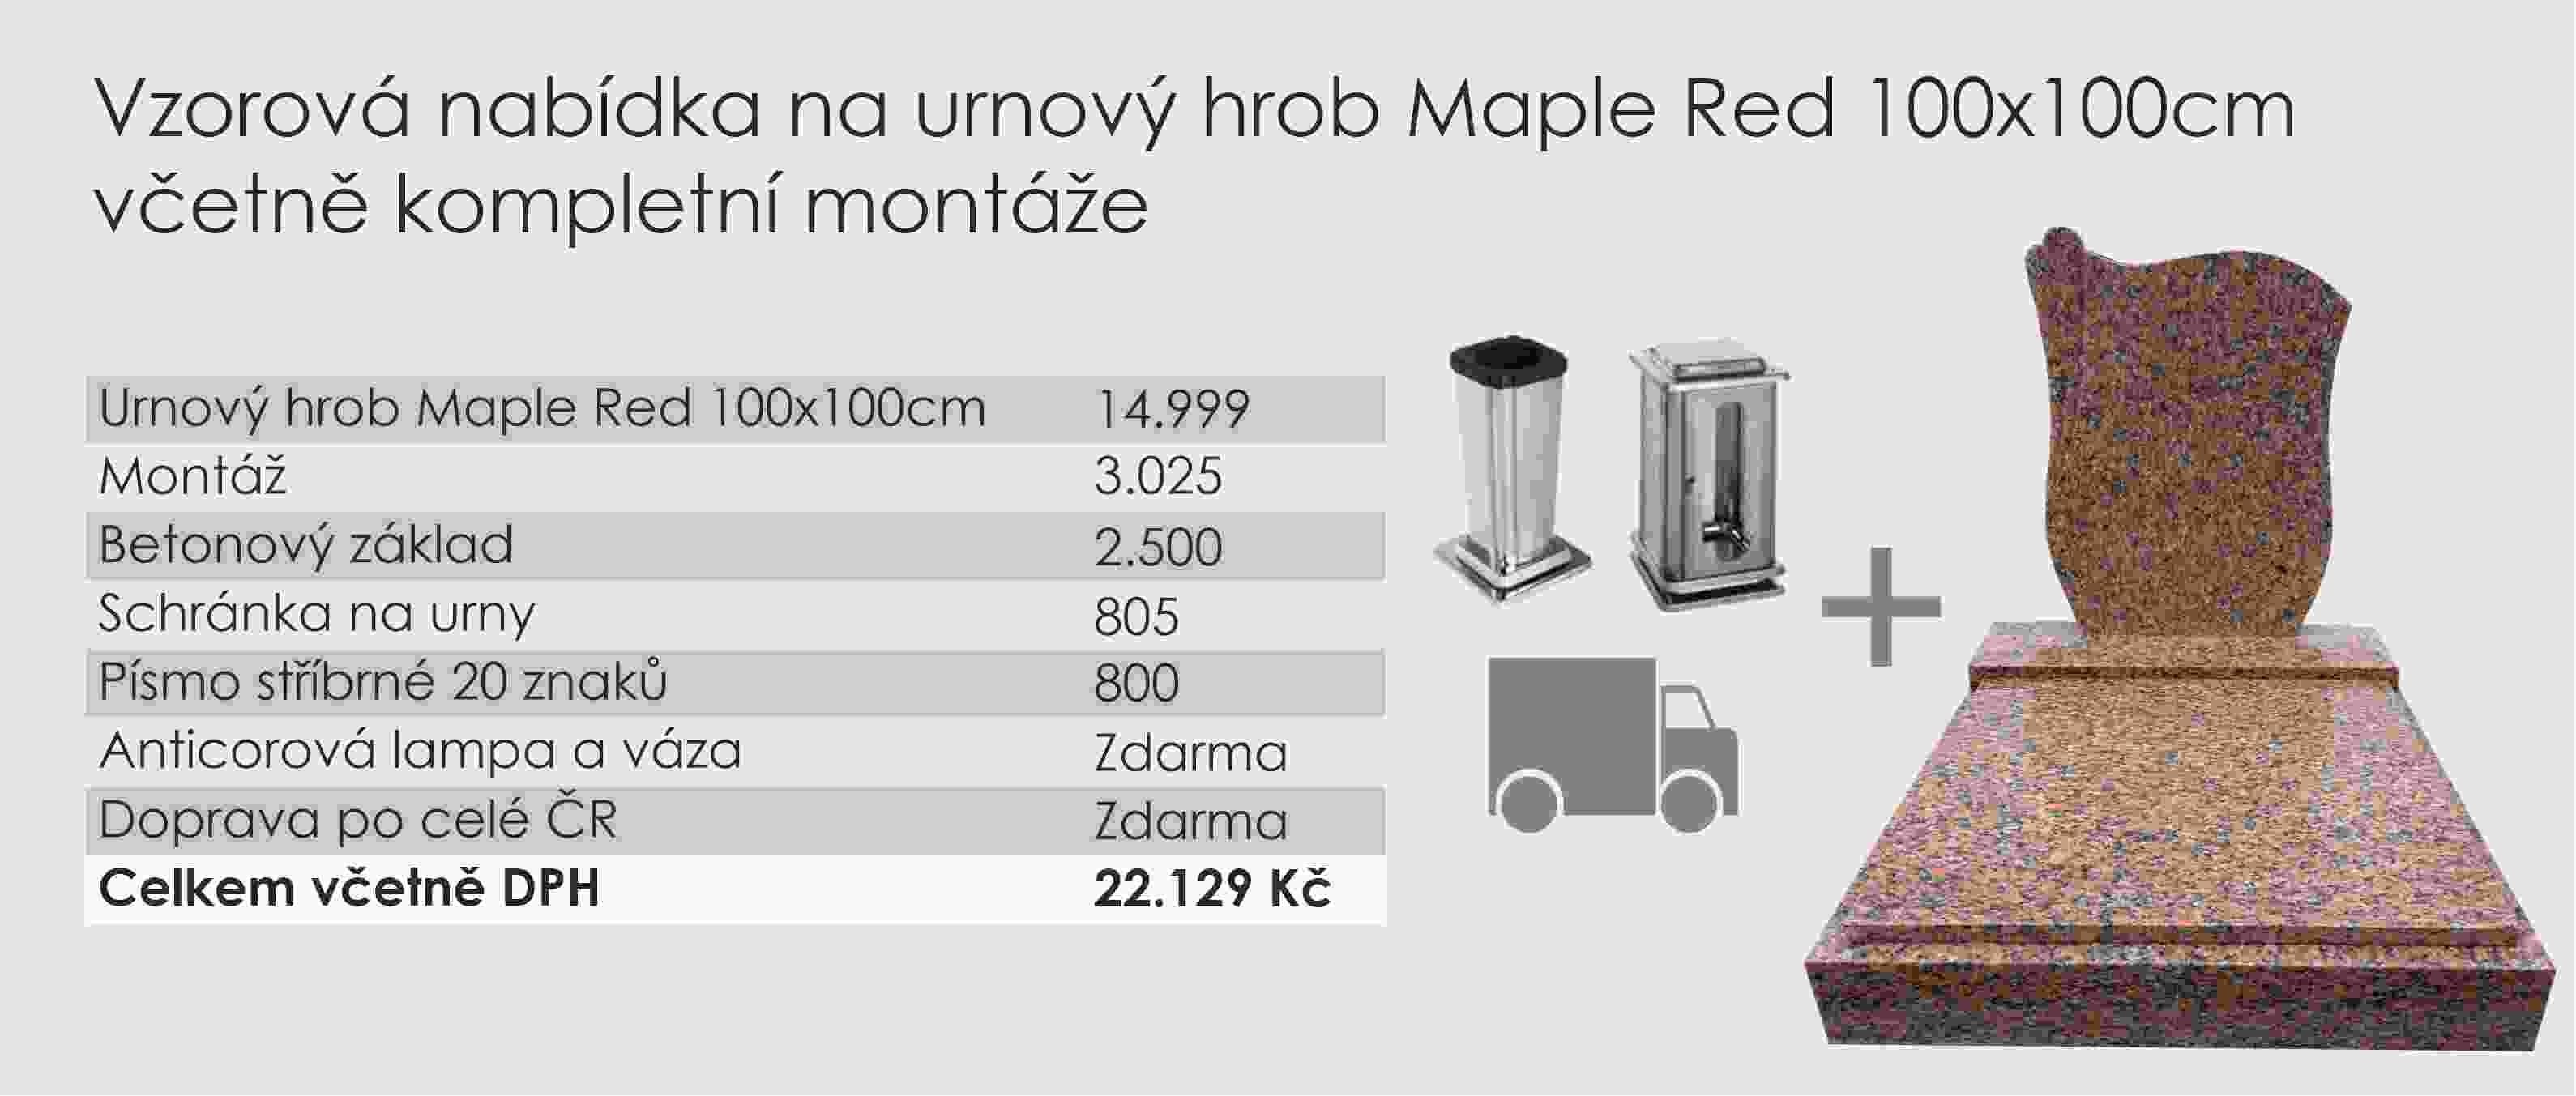 Vzorová nabídka Maple red